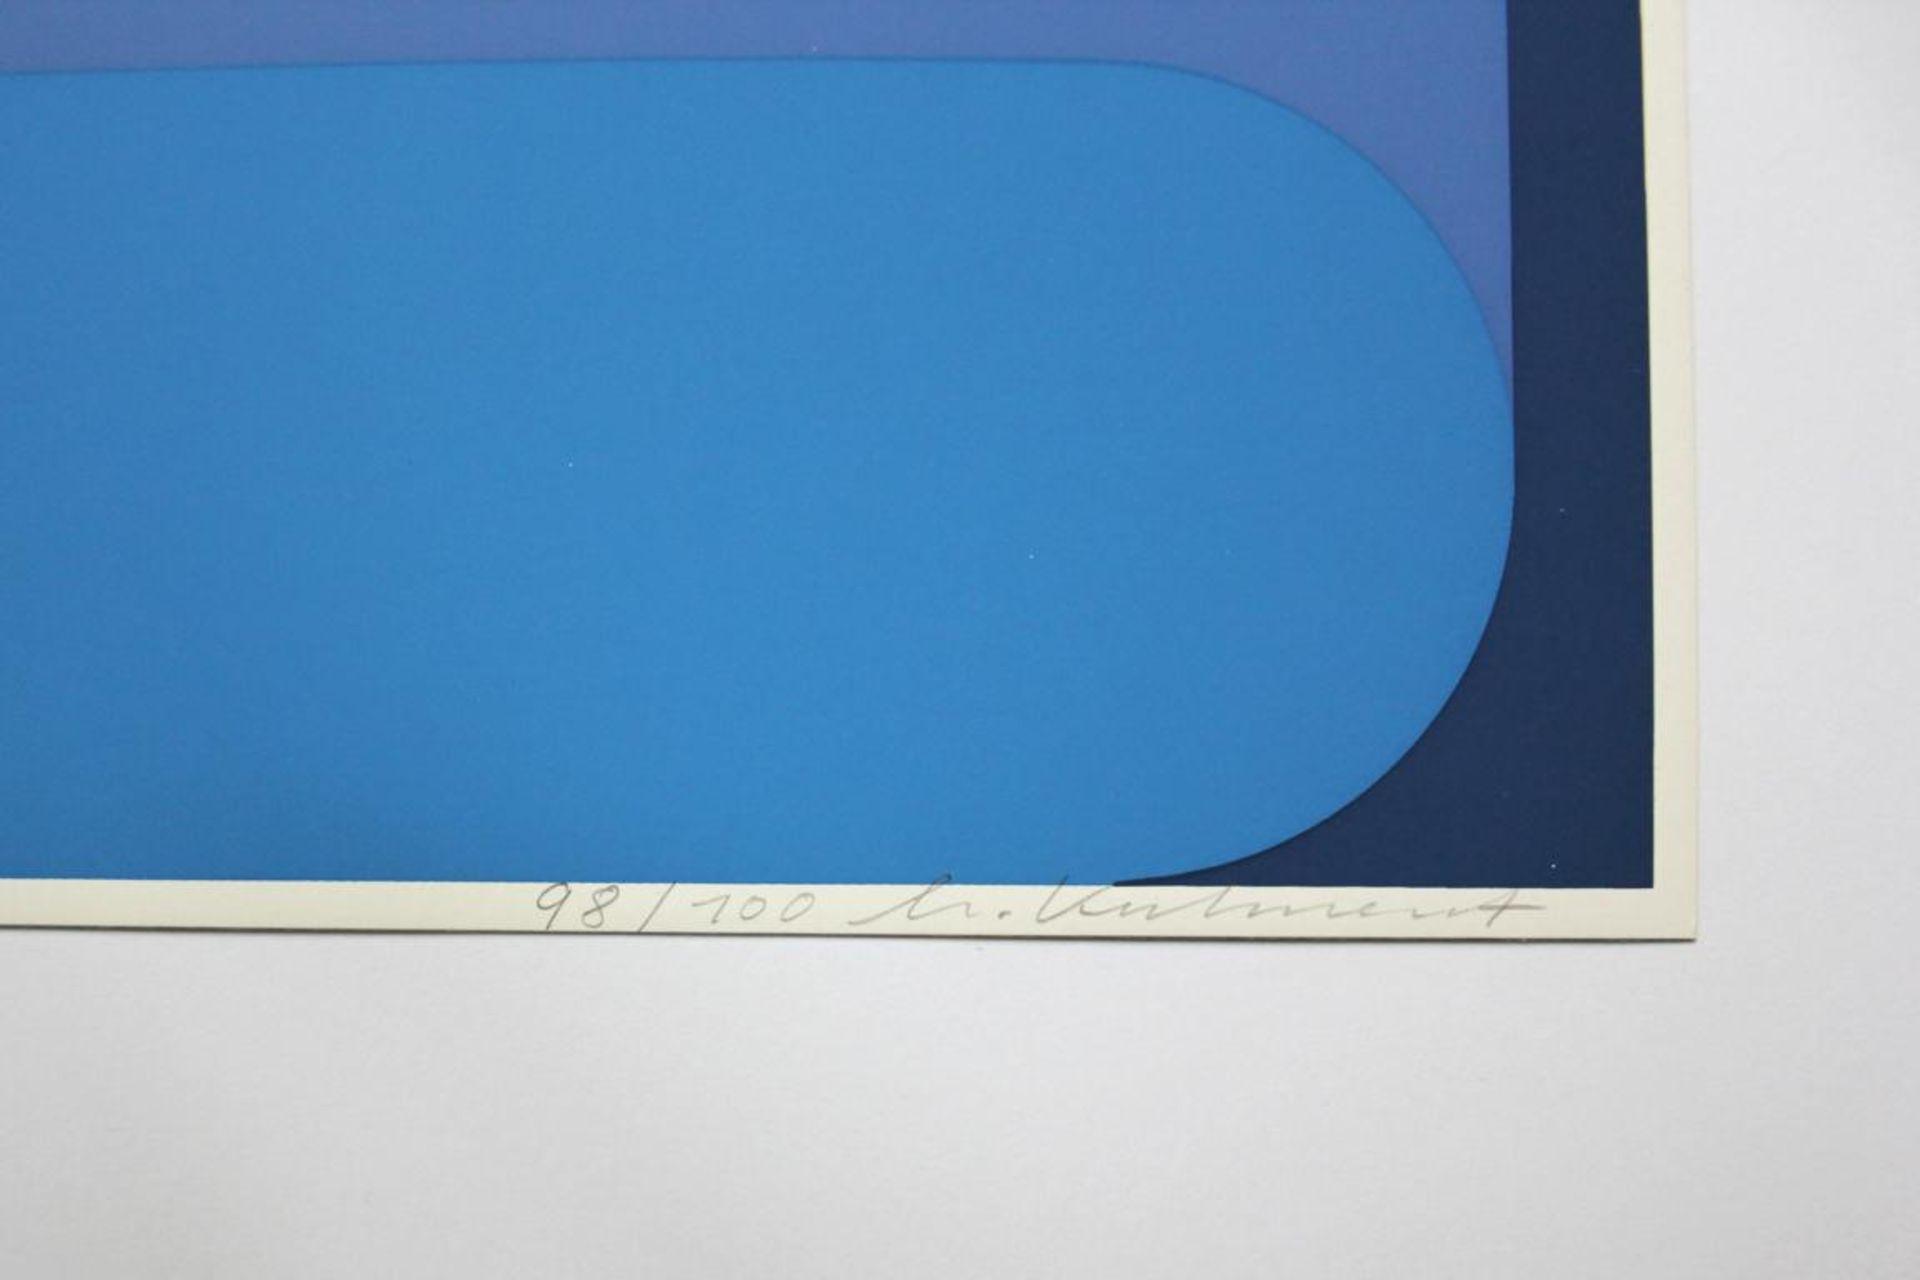 Kuhnert Horst (geb. 1938) Ohne Titel 1975 Farbsiebdruck handsigniert und nummeriert 99/100 40 x 40 - Bild 2 aus 2